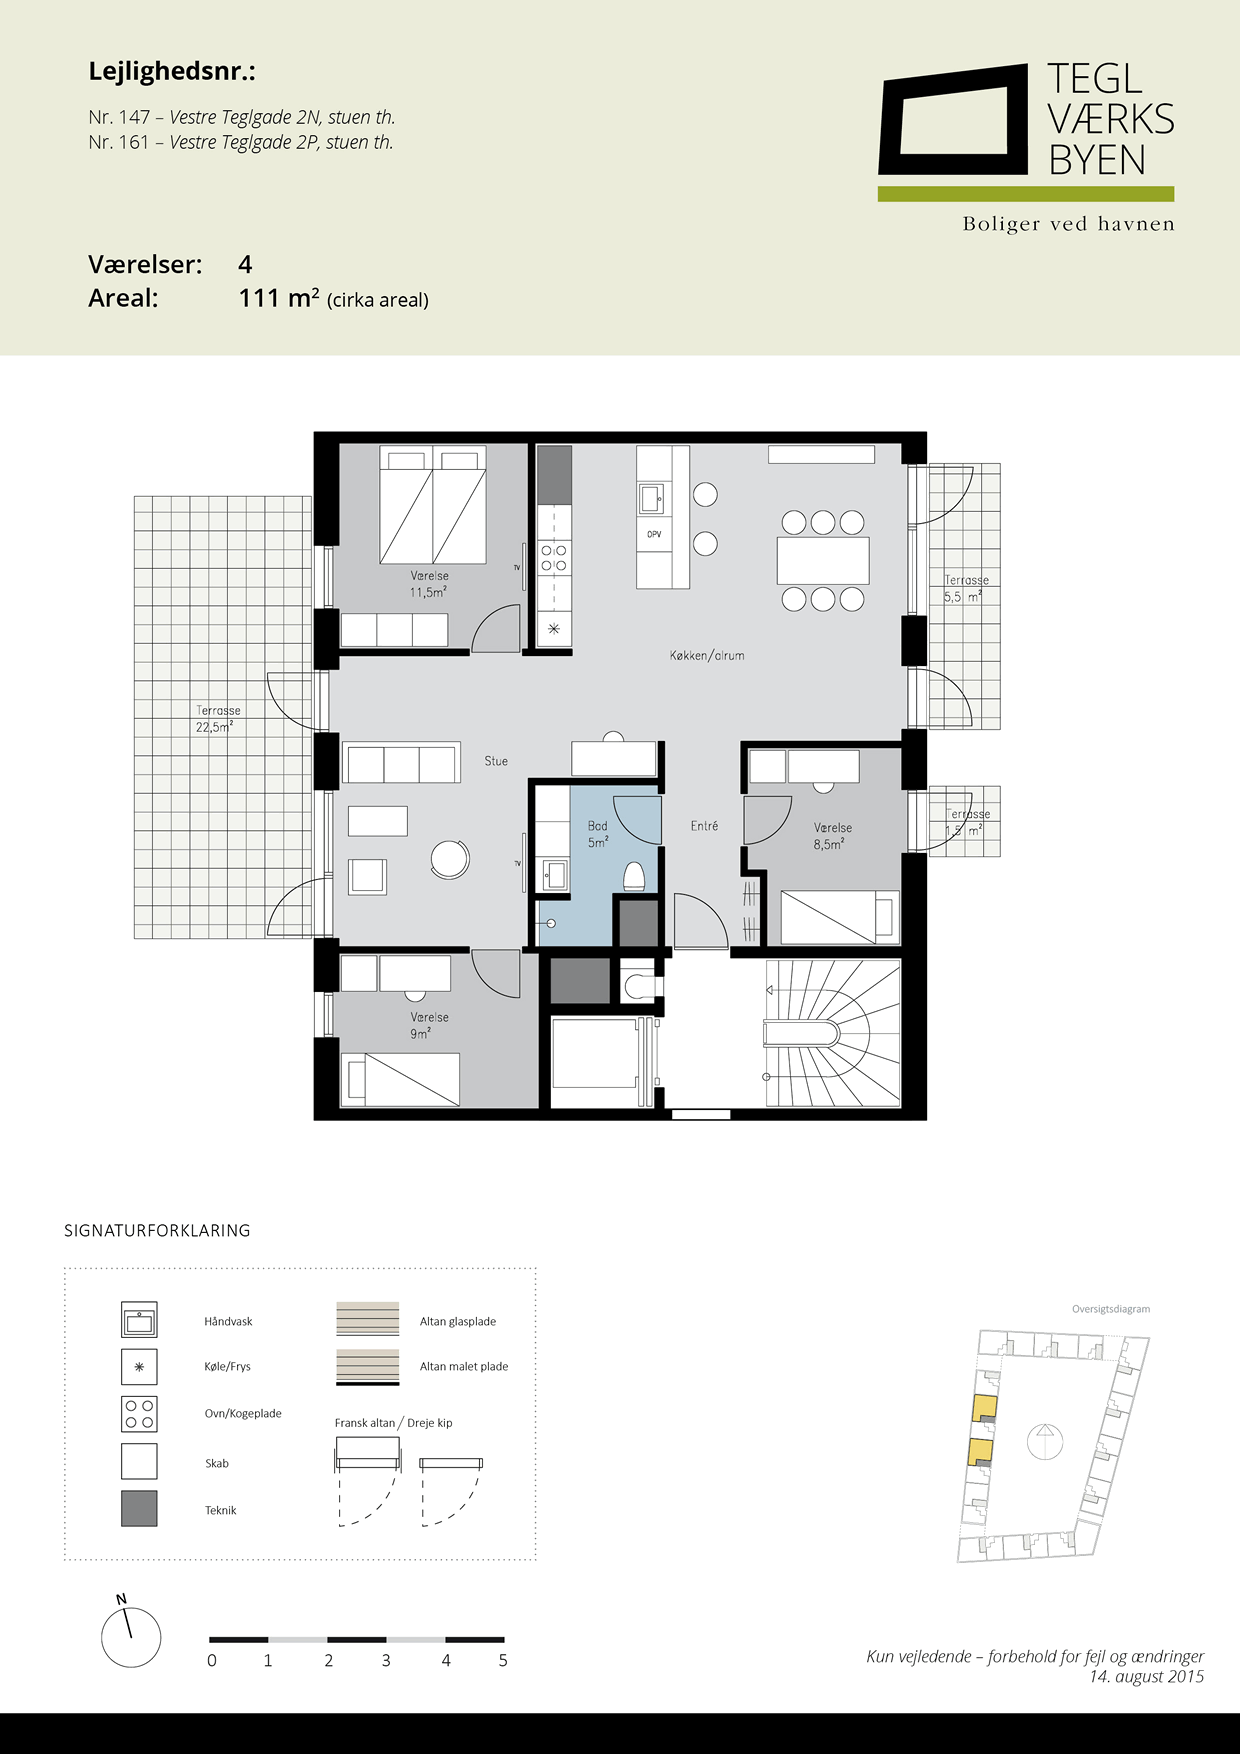 Teglvaerksbyen_147-161_plan